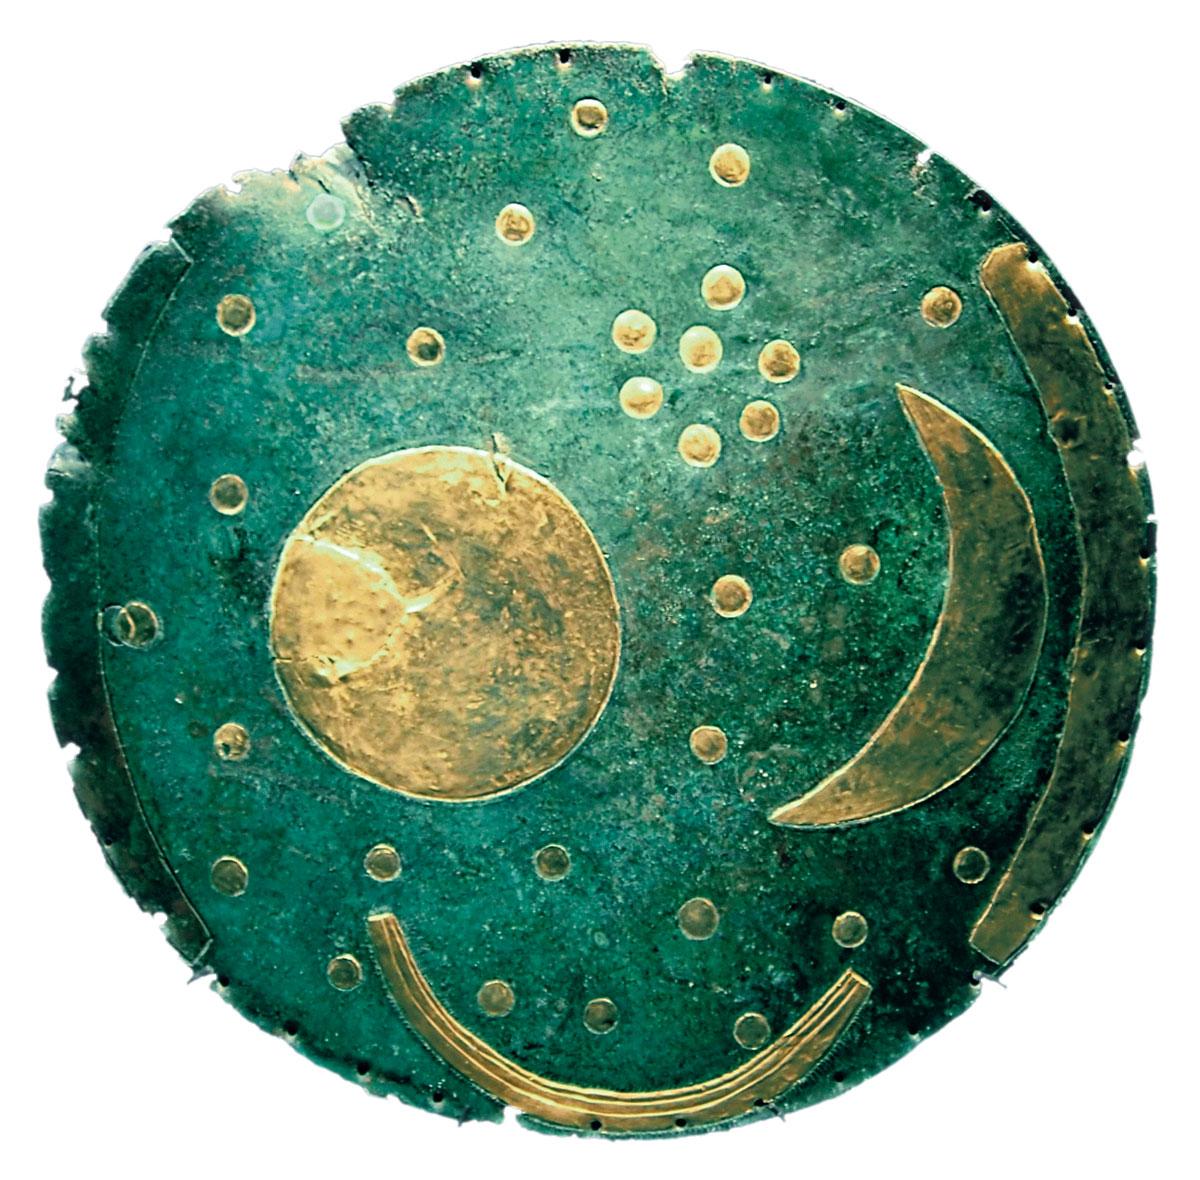 Die Himmelsscheibe von Nebra, ca. 4000 Jahre vor Christus | Bild von: Dbachmann